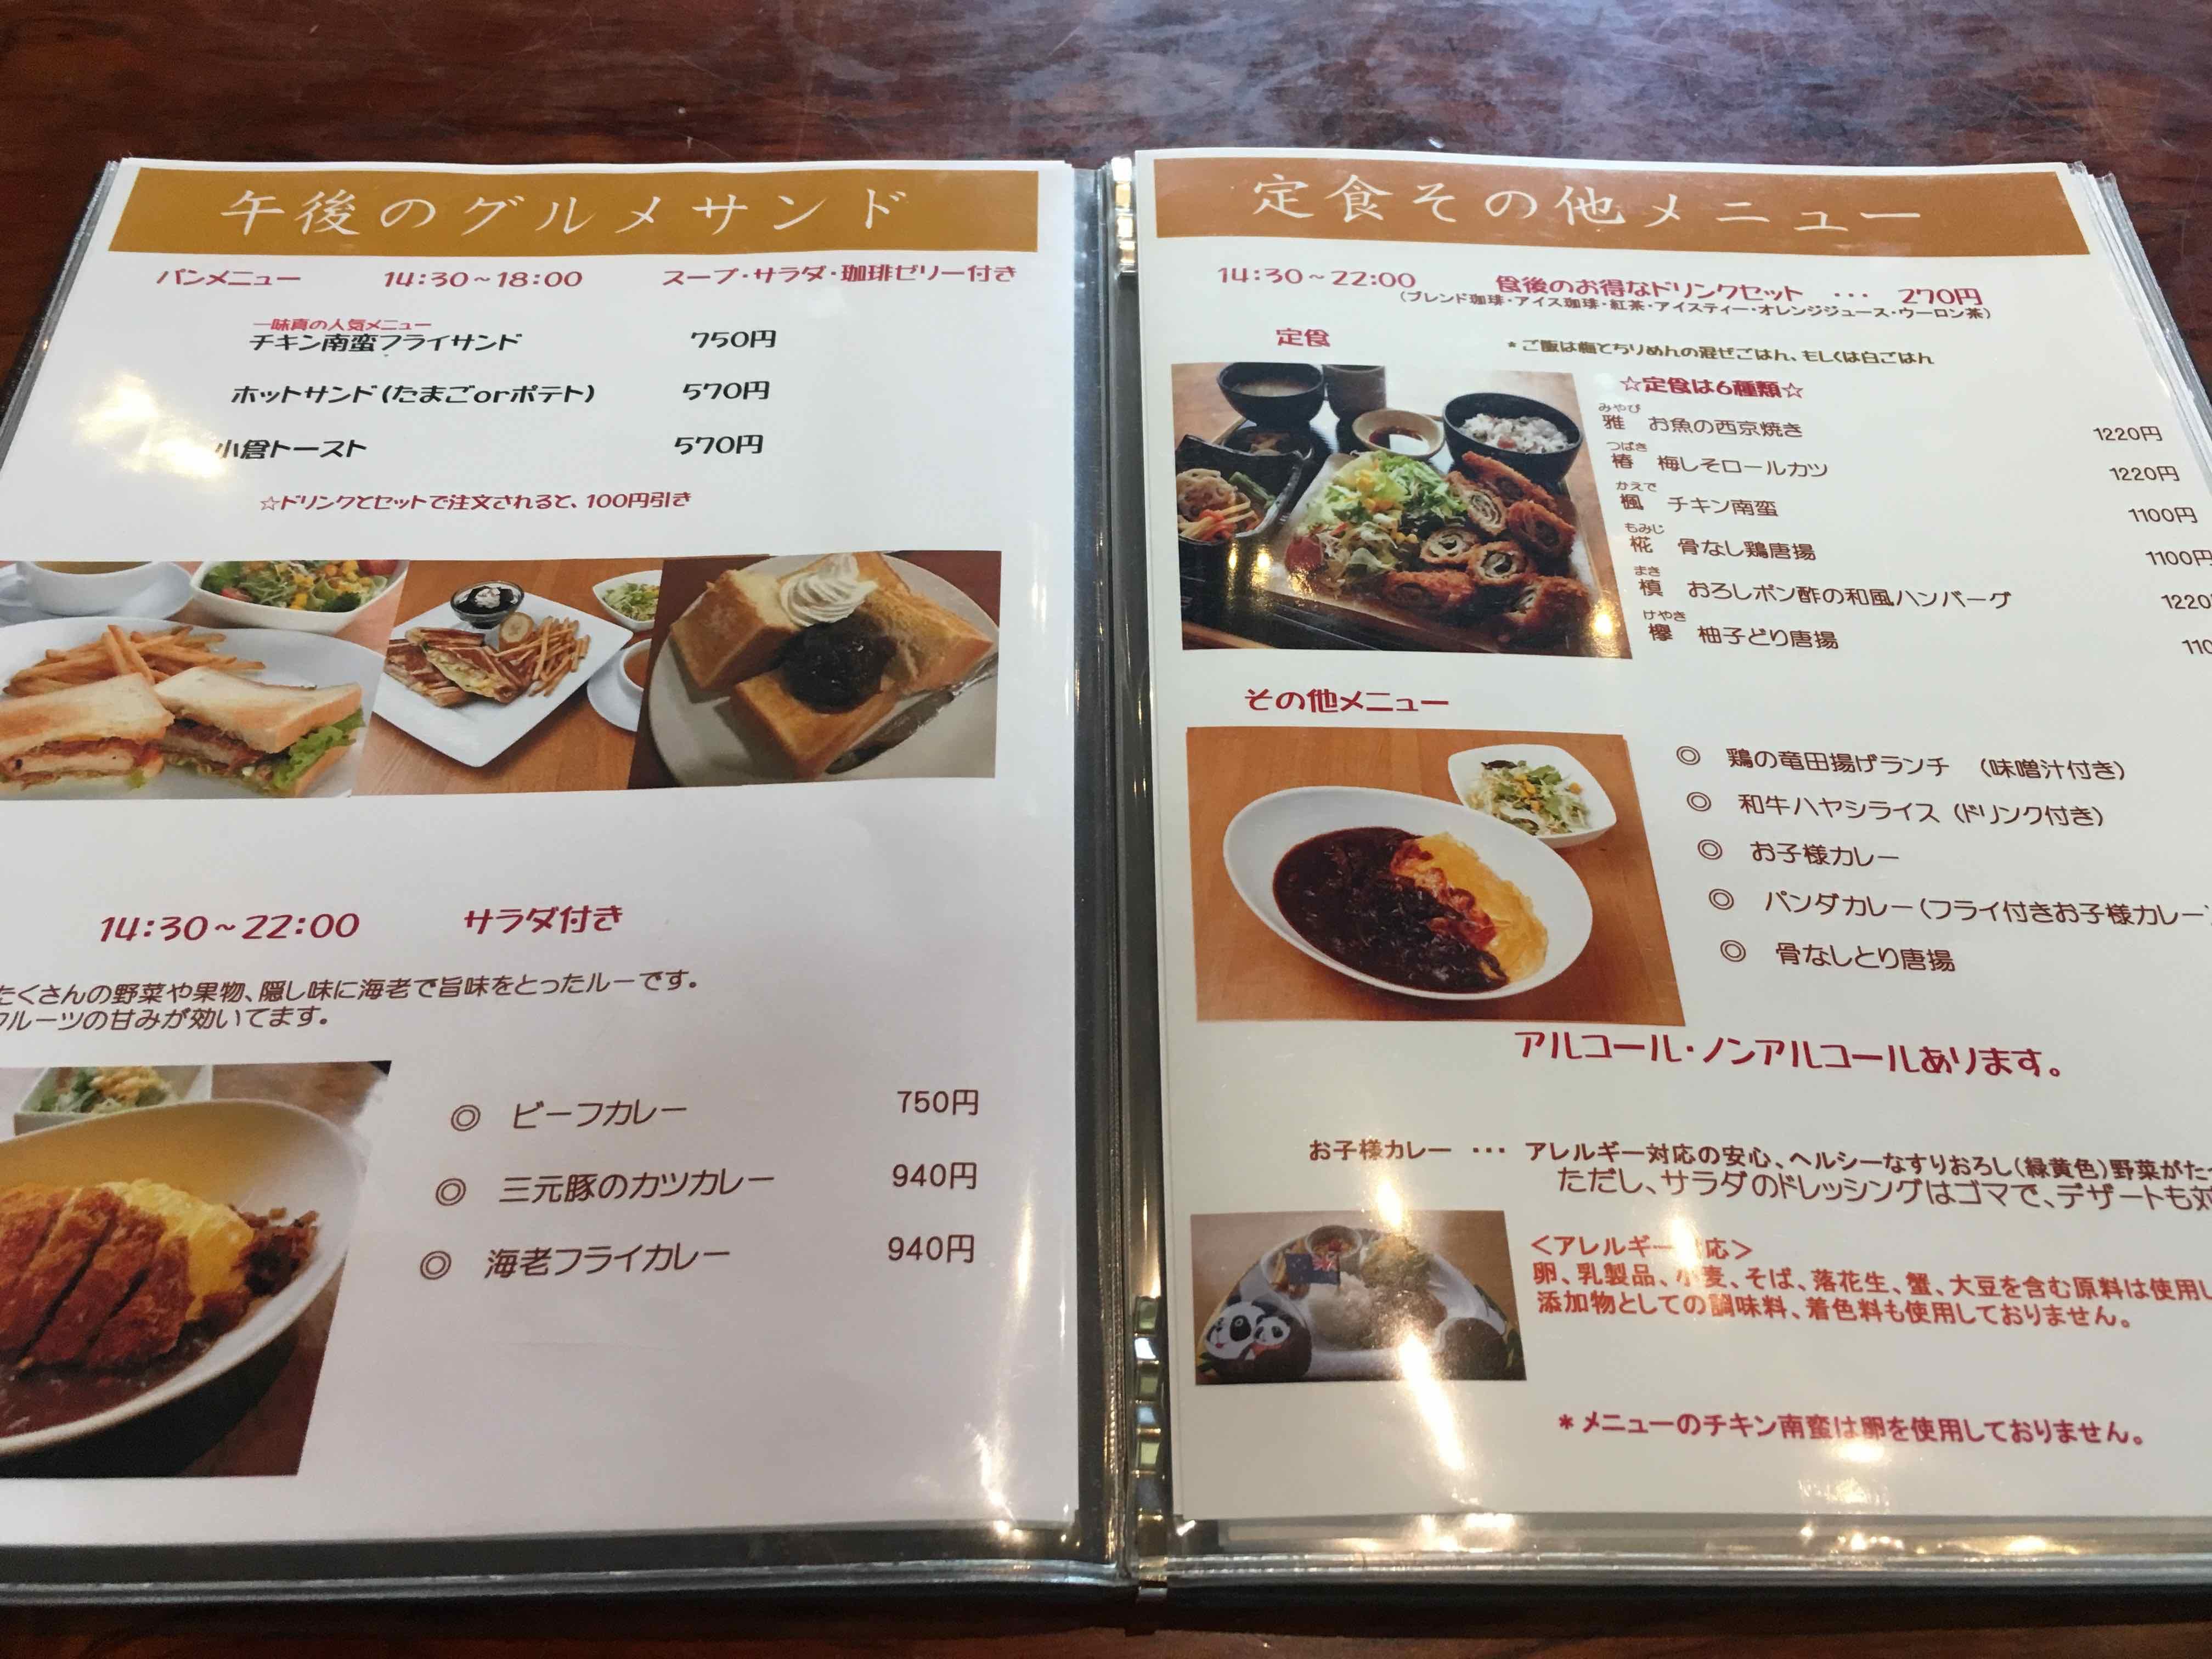 みとん今治,一味真,カフェ,オリエント,日本家屋,県病院